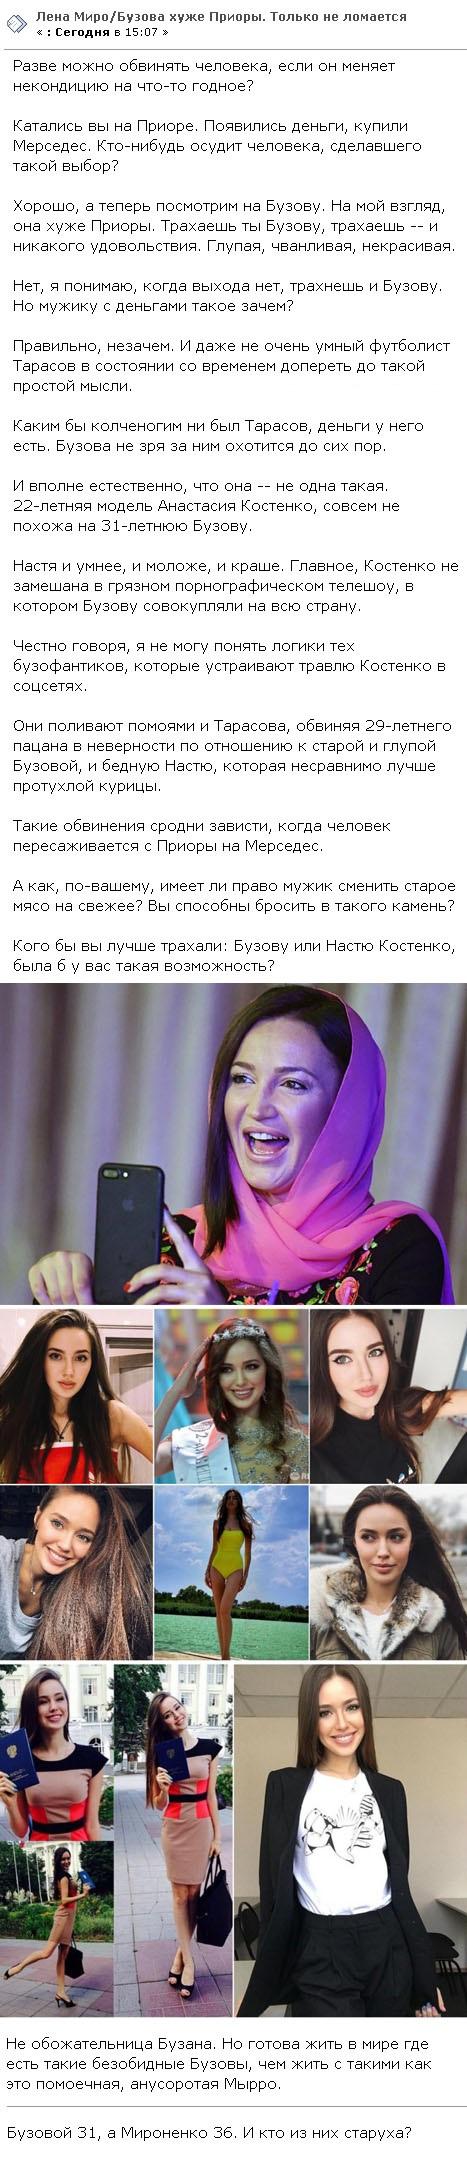 Голая Елена Летучая  смотреть фото Инстаграм и видео